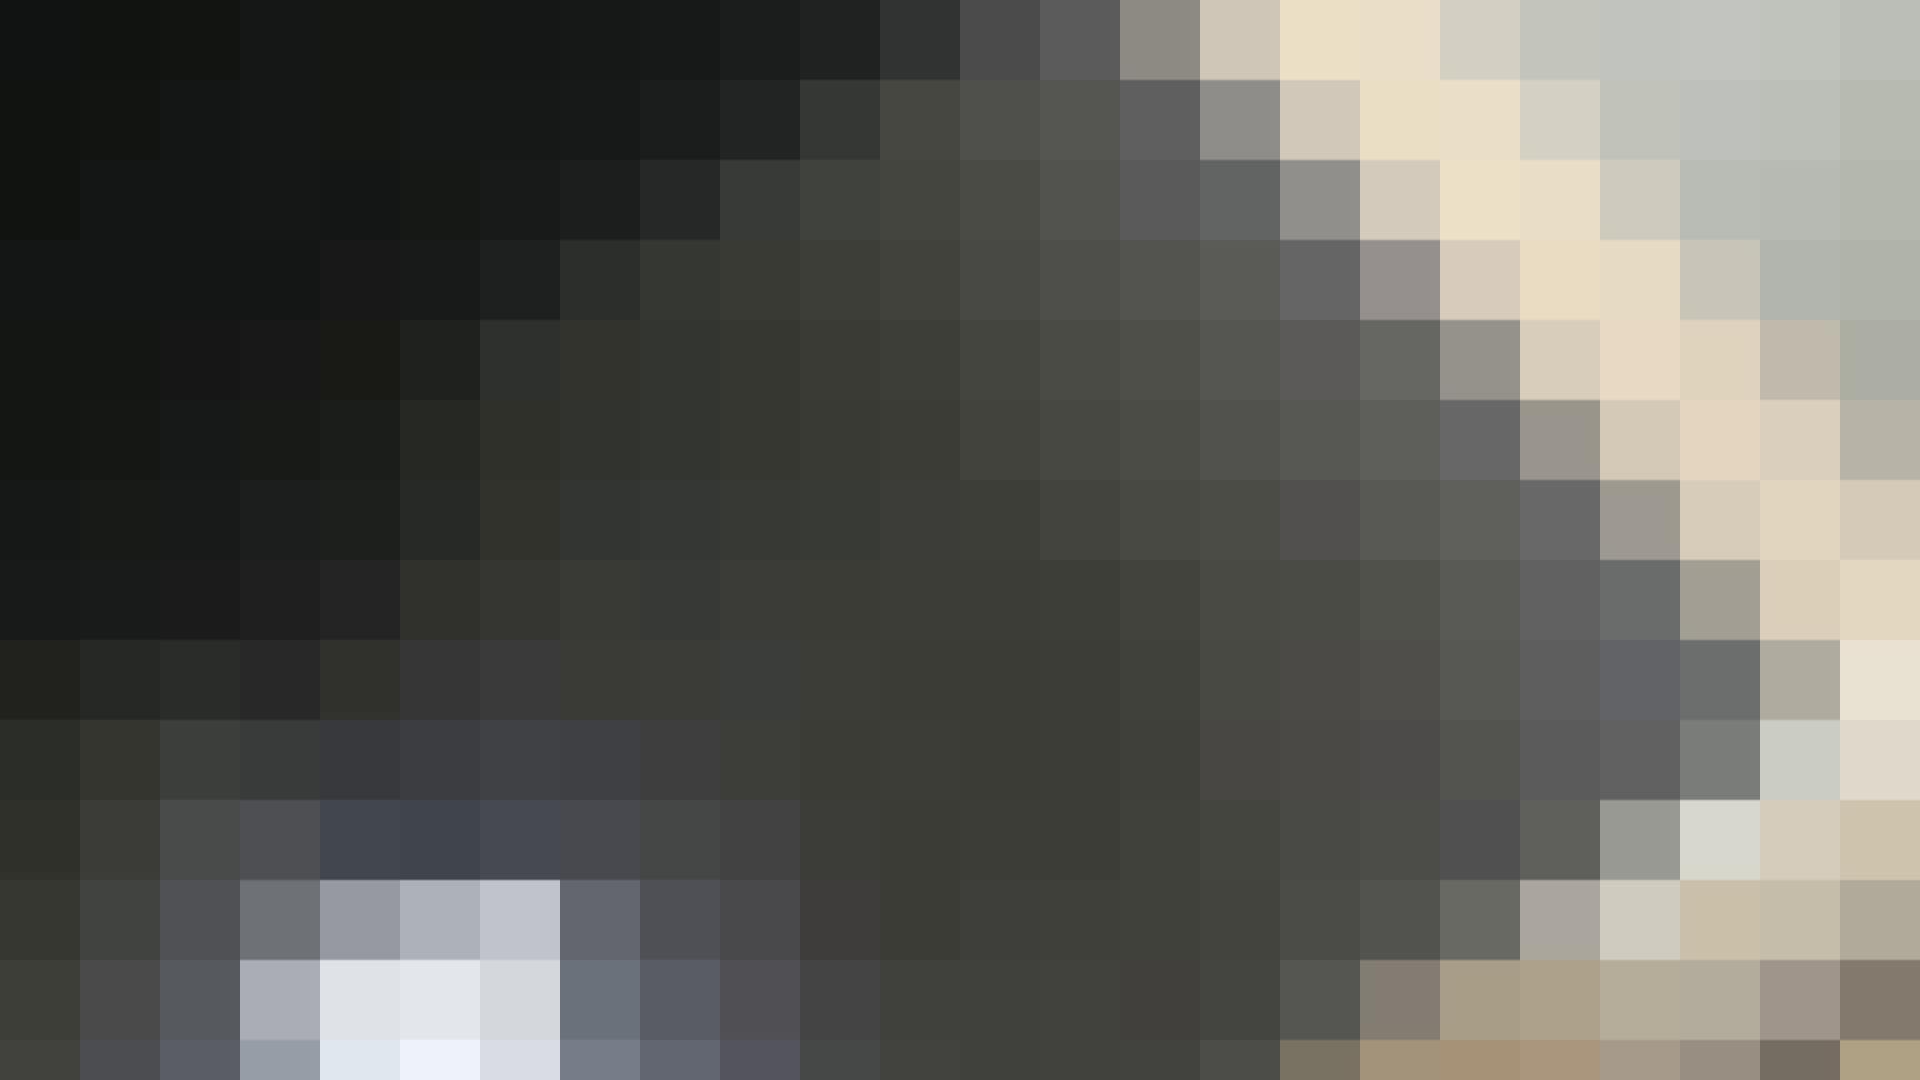 阿国ちゃんの「和式洋式七変化」No.16 高画質 濡れ場動画紹介 102枚 17